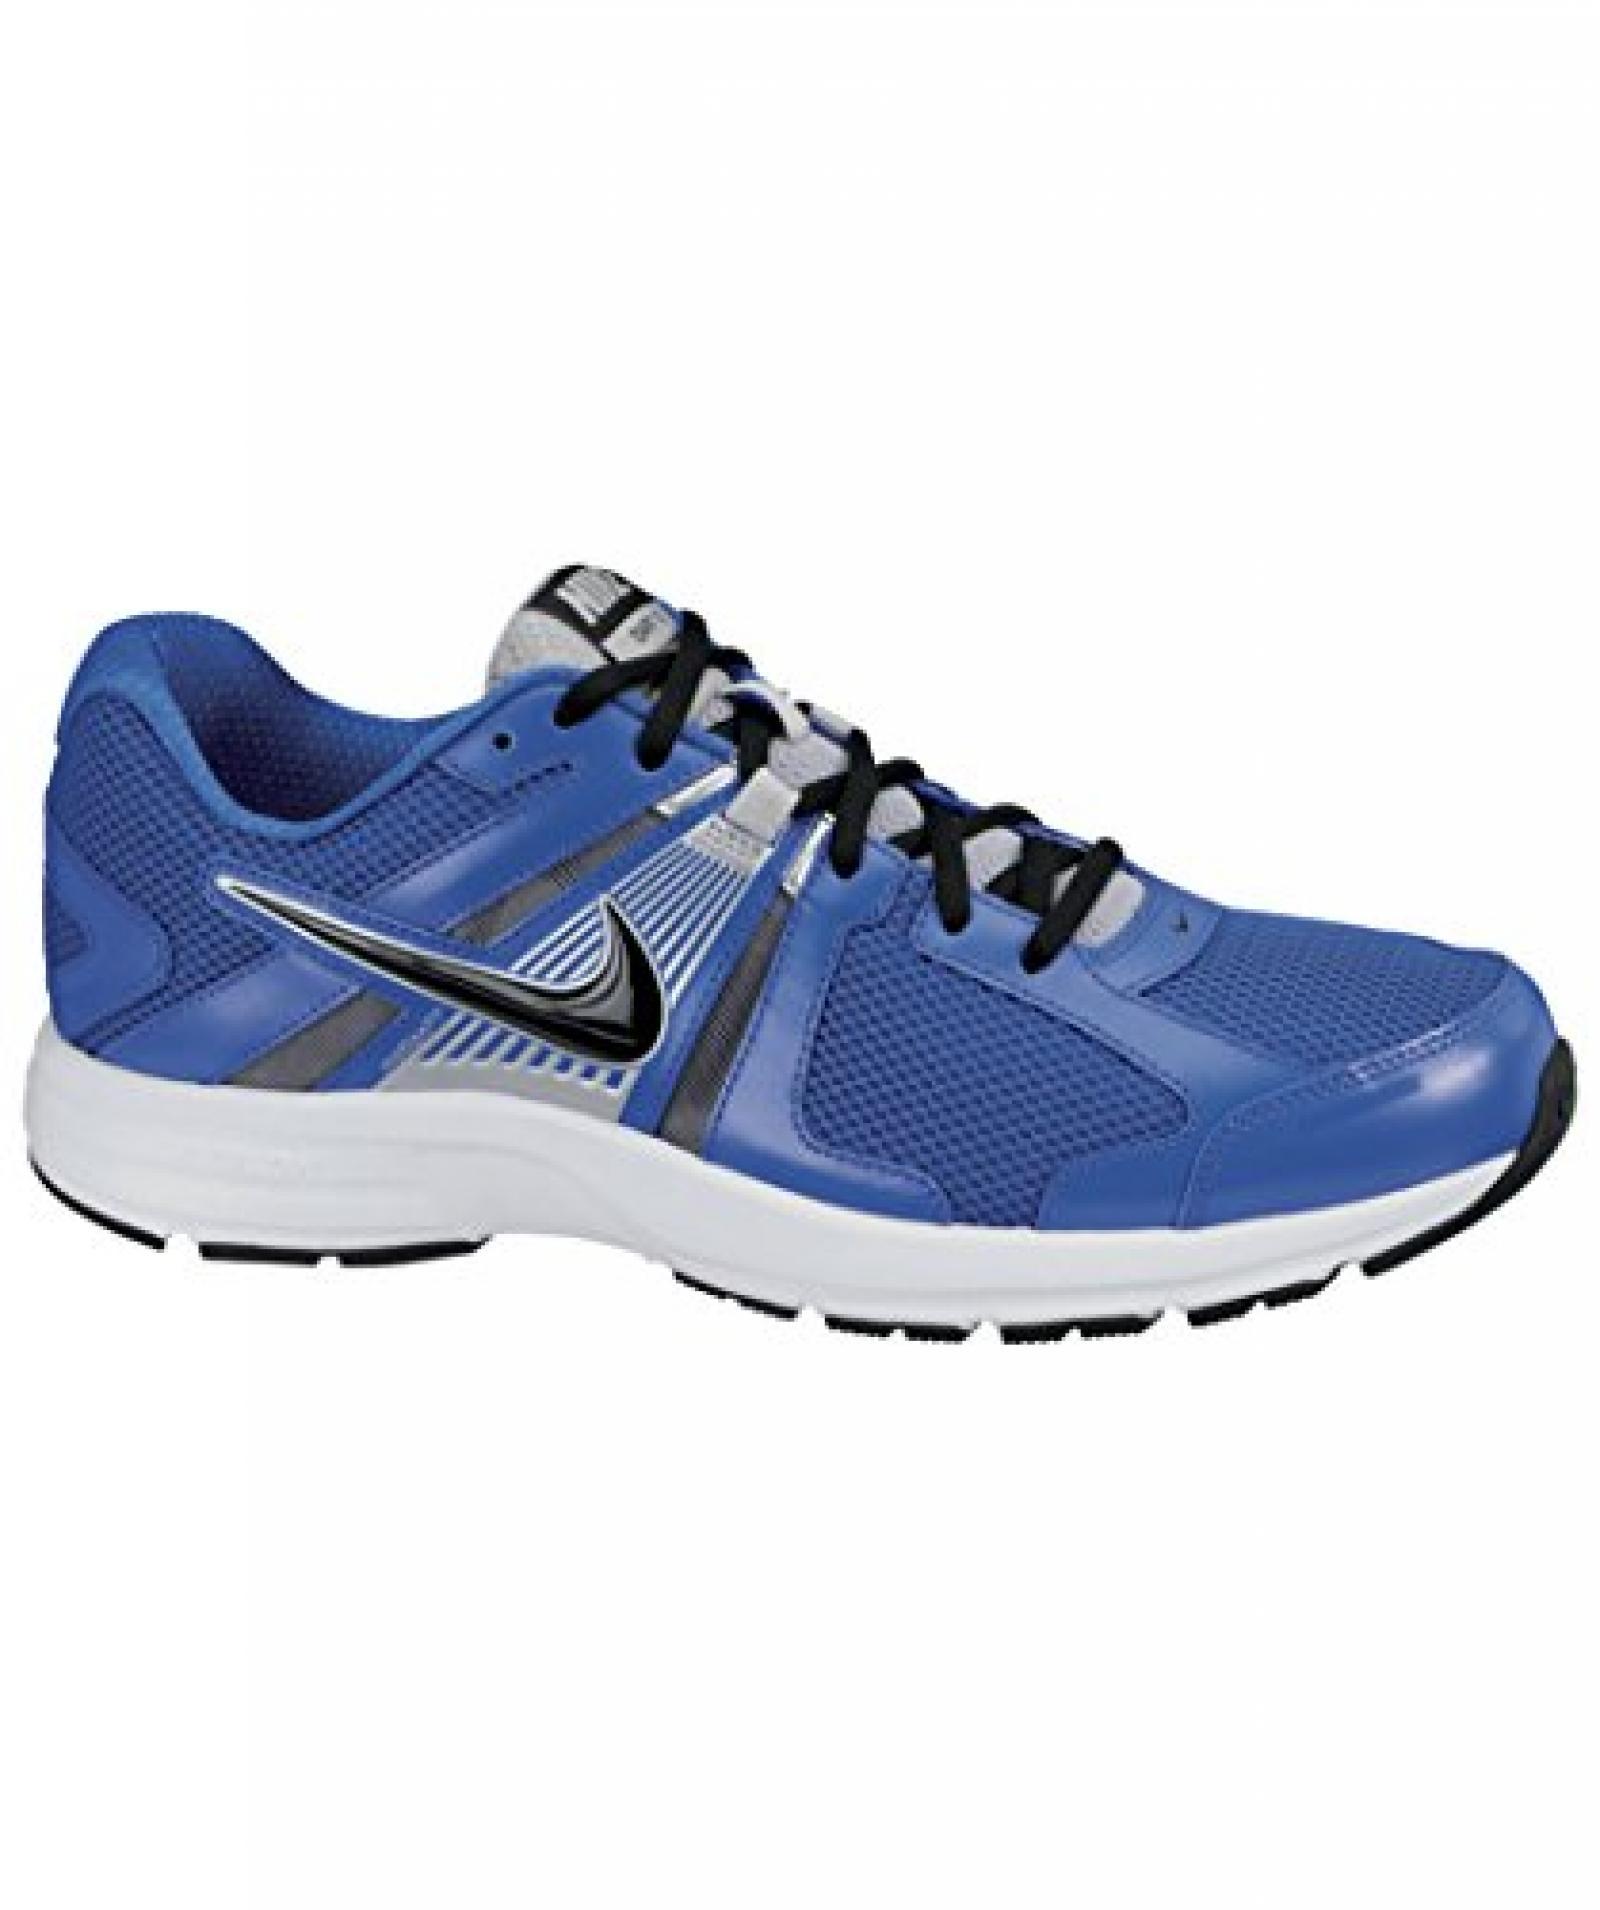 Nike 580525 026 Dart 10 Eu Herren Sportschuhe - Running